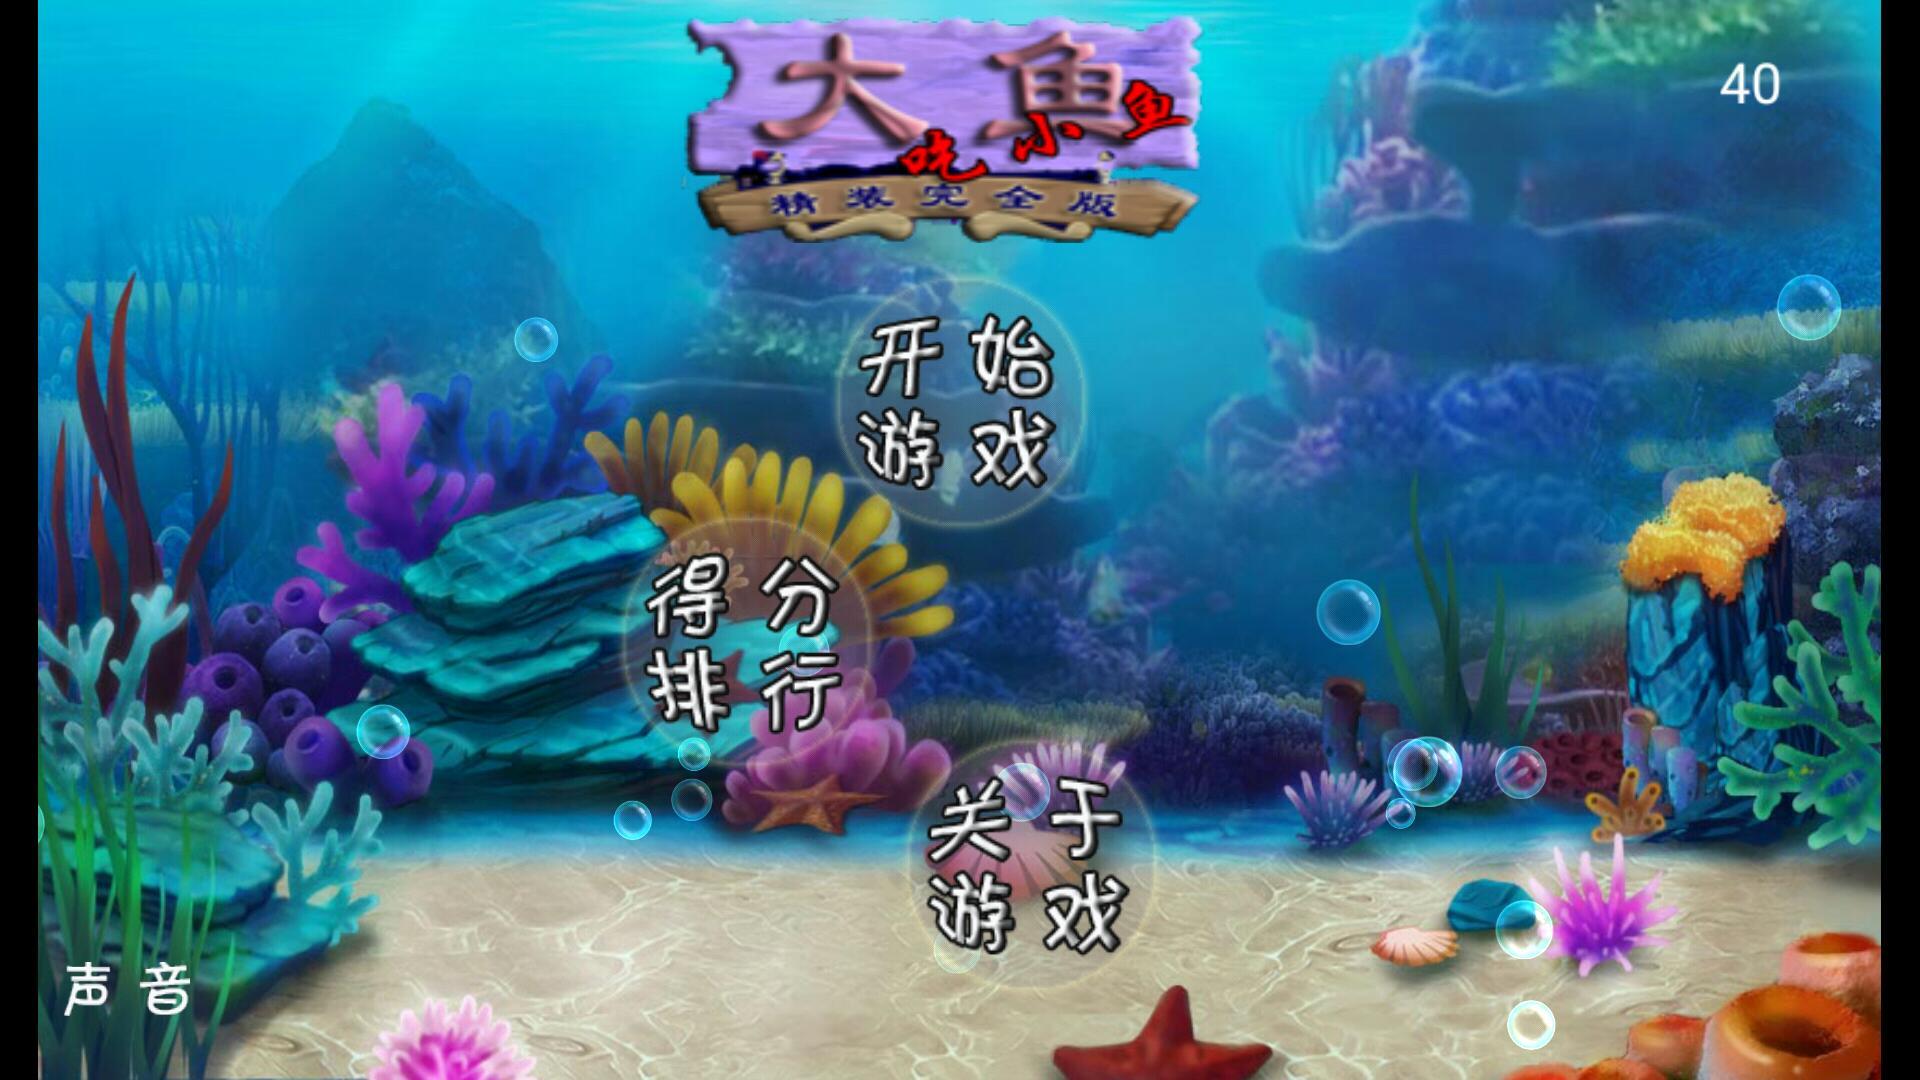 大鱼吃小鱼-应用截图